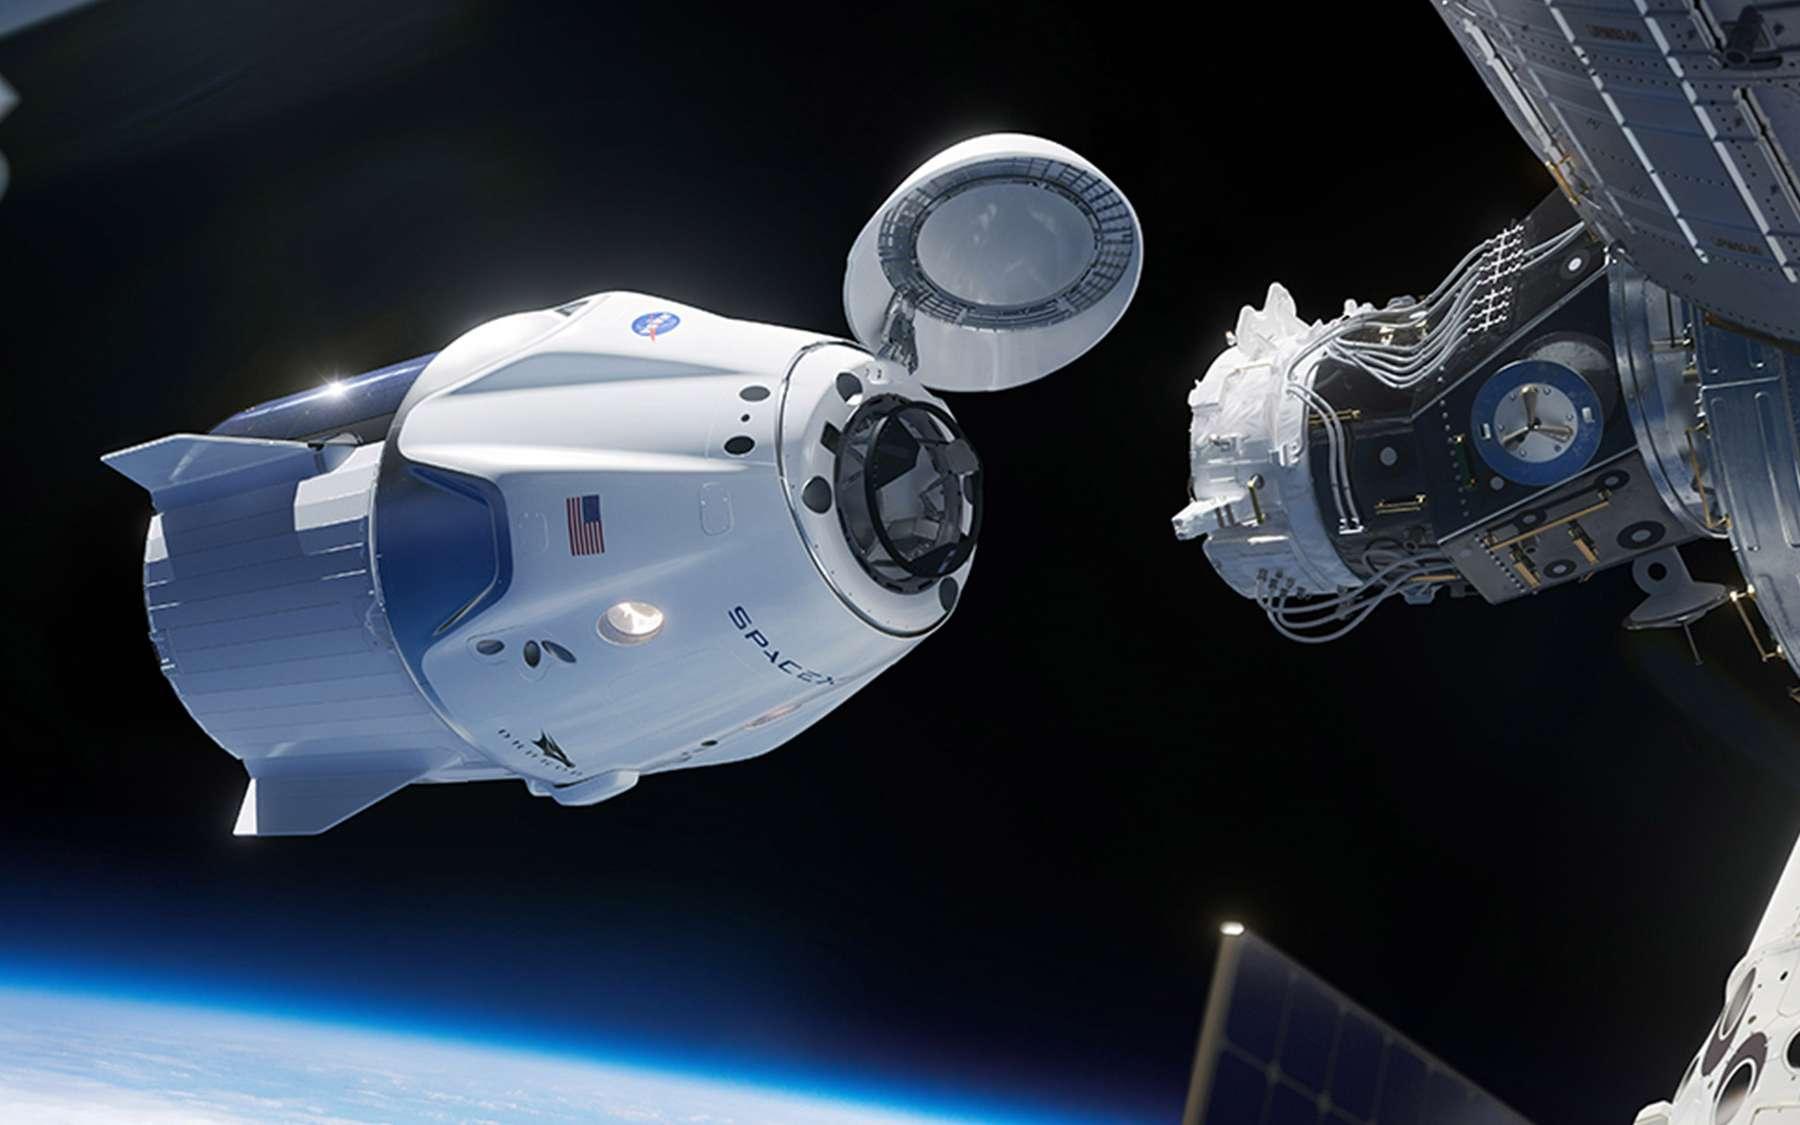 SpaceX : comment suivre en direct le vol habité historique de la Nasa ce soir